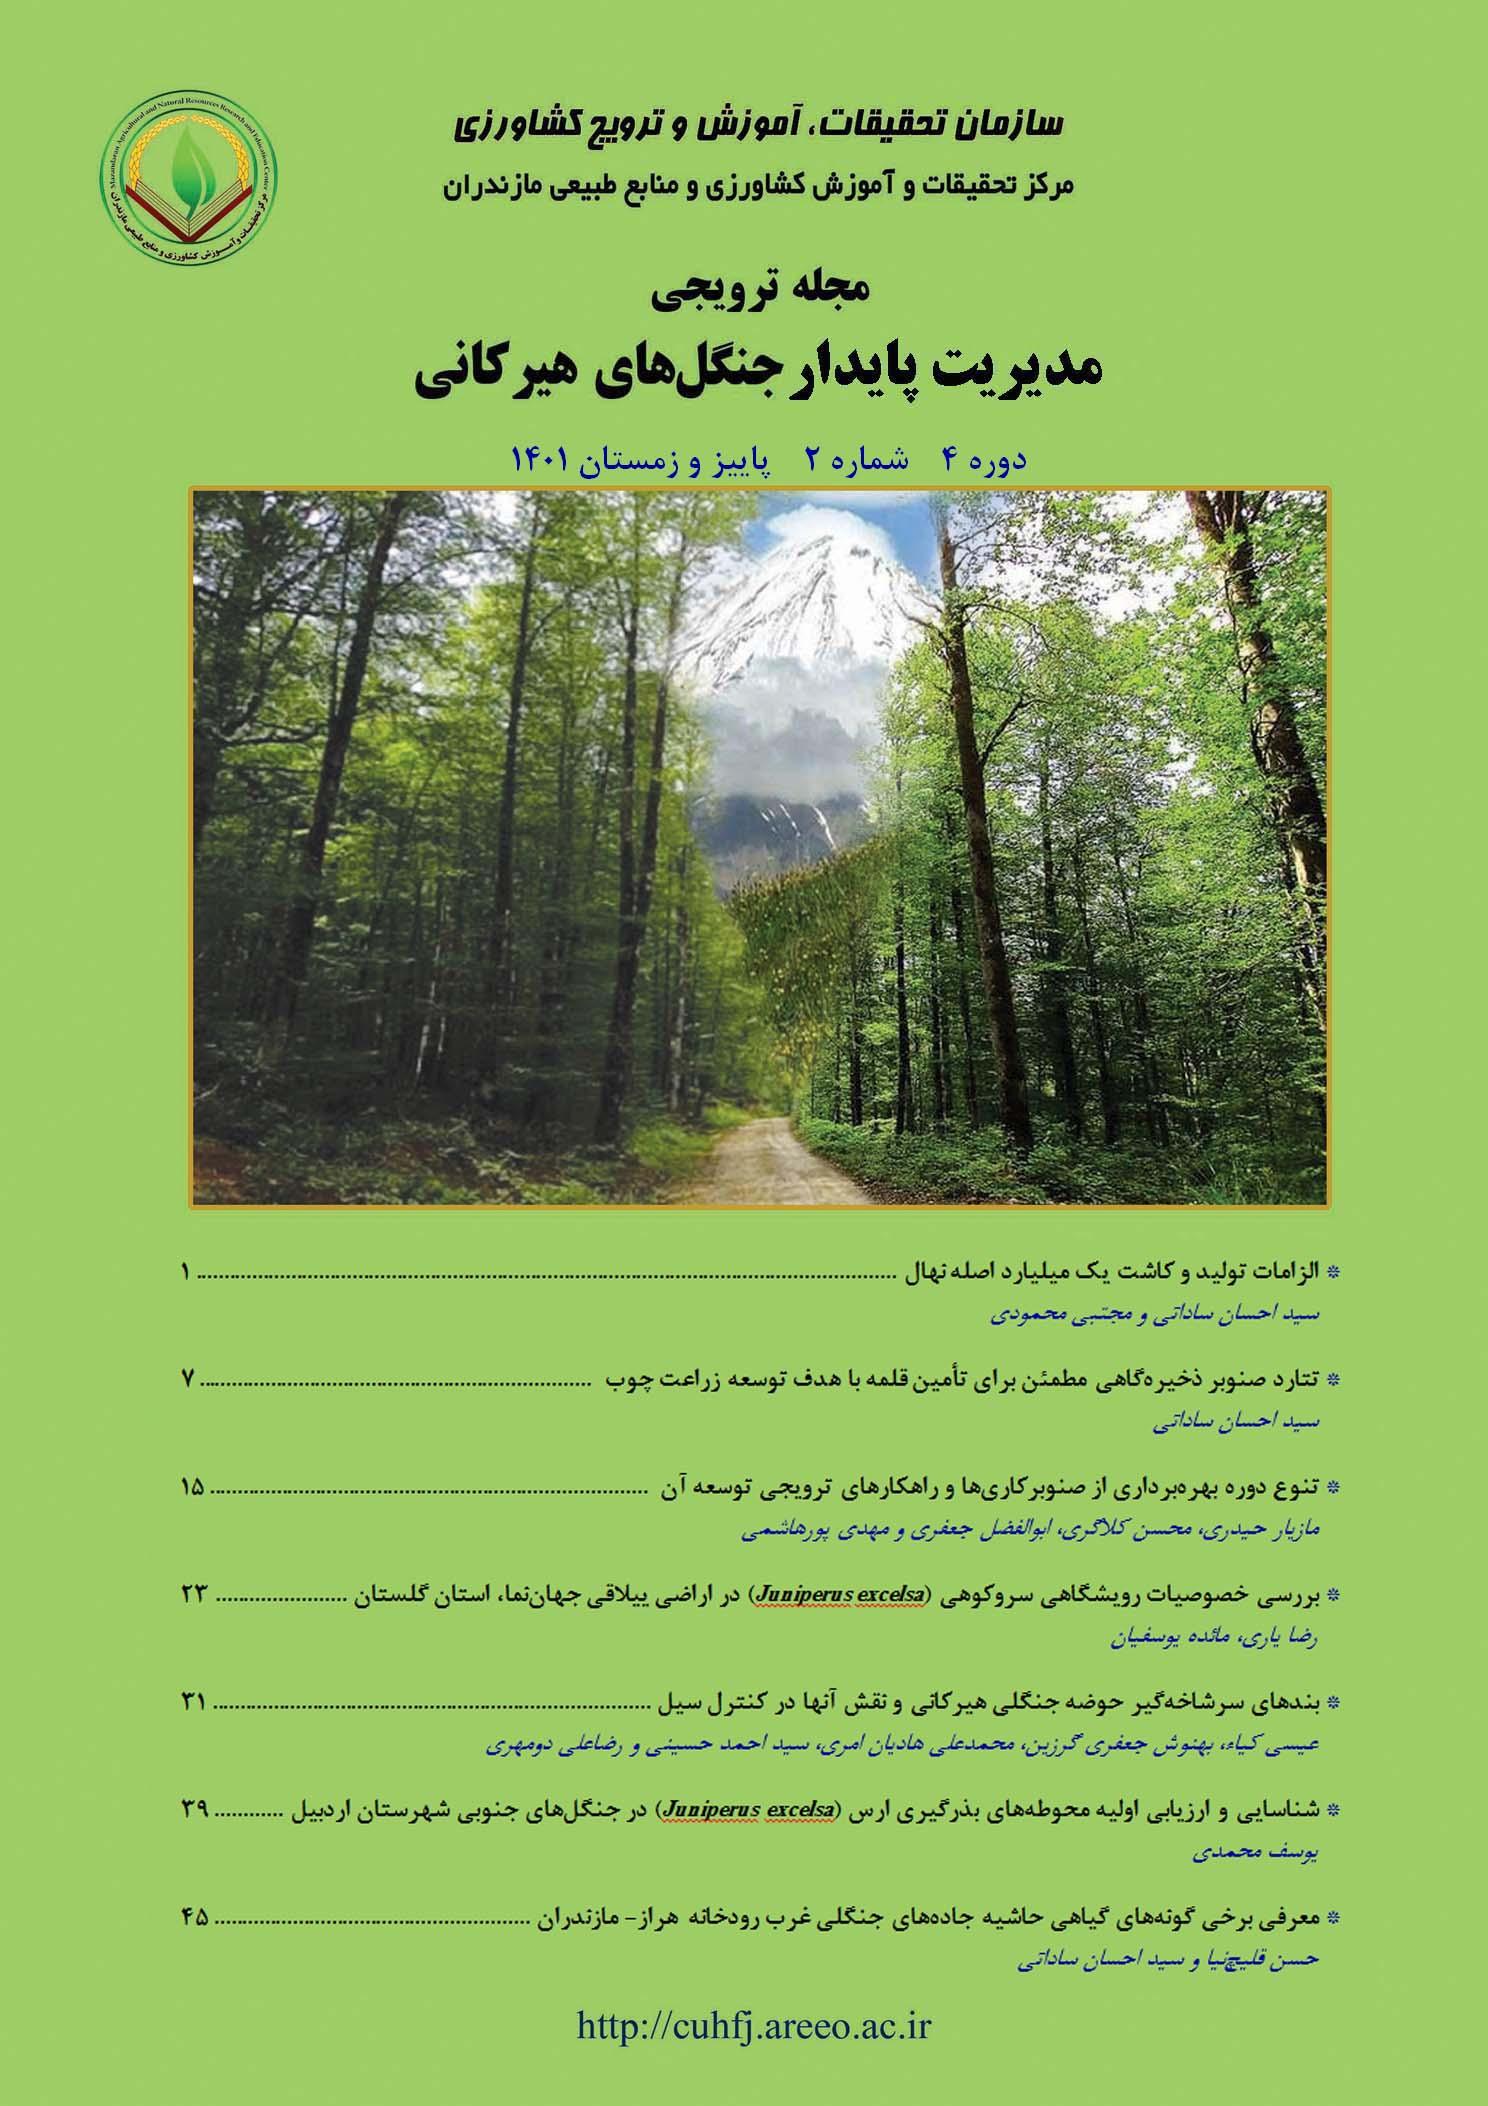 حفاظت و بهره برداری جنگلهای های هیرکانی